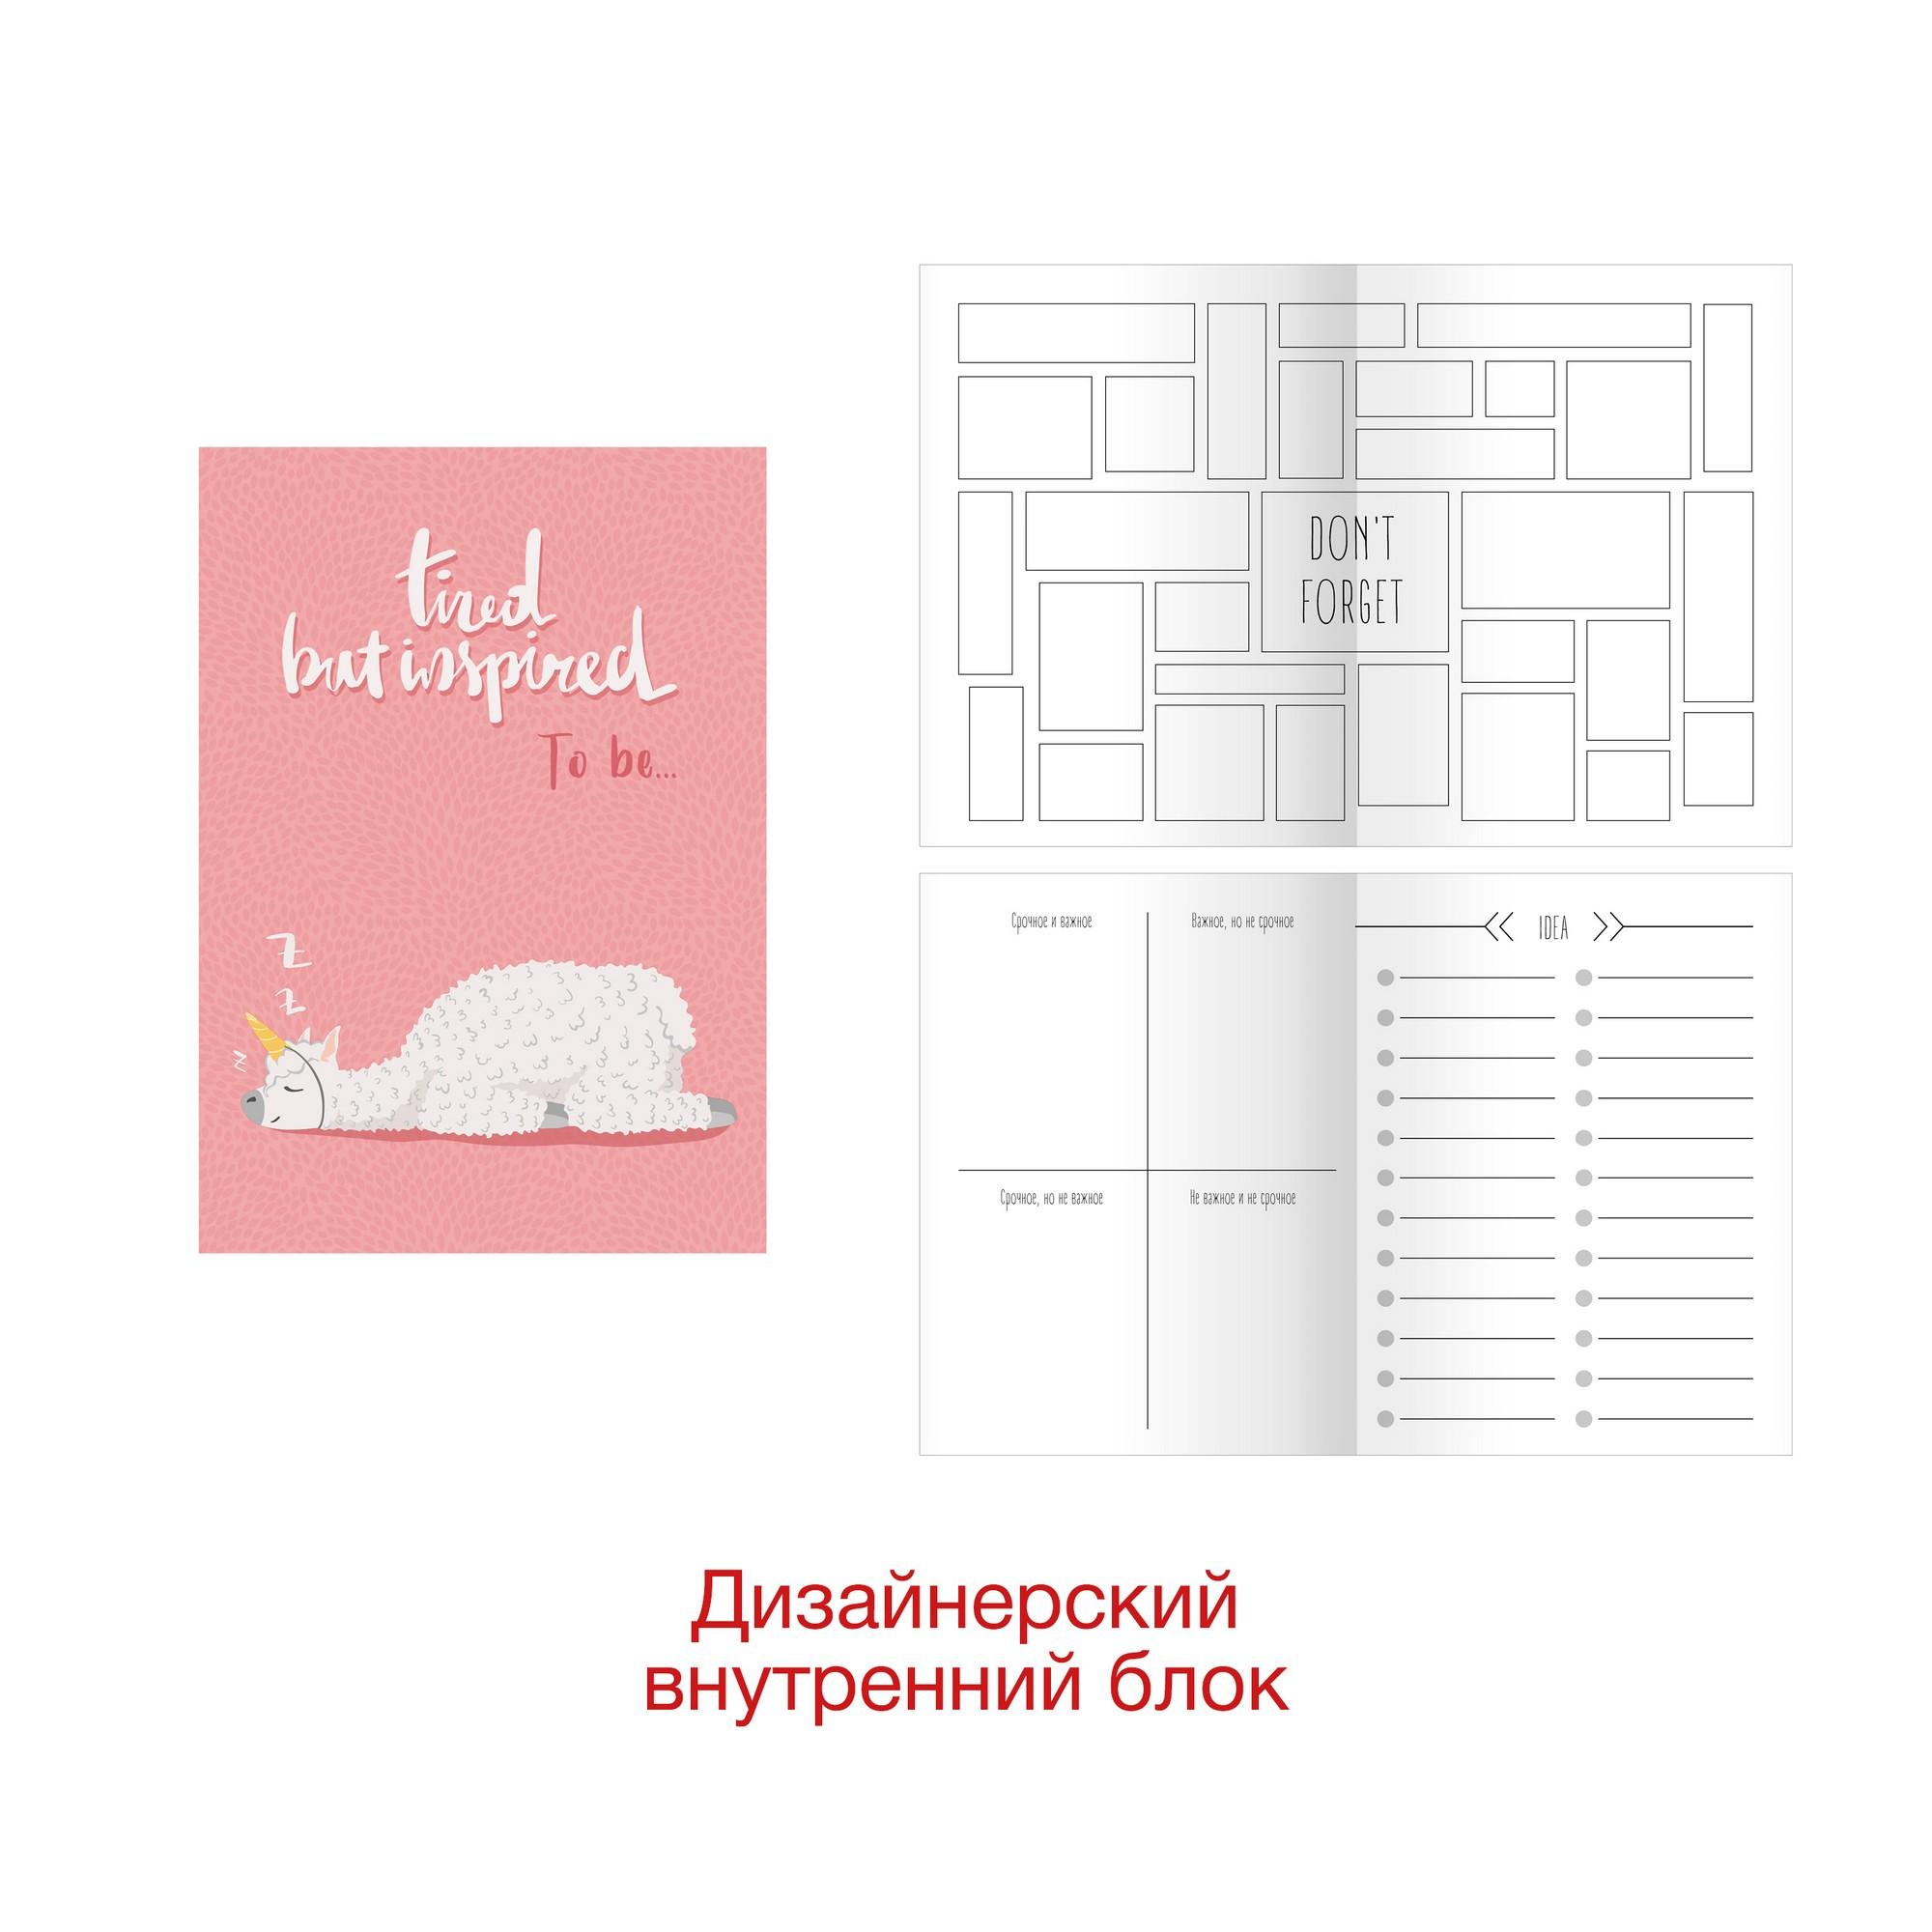 внутренний блок книги вариант жизни